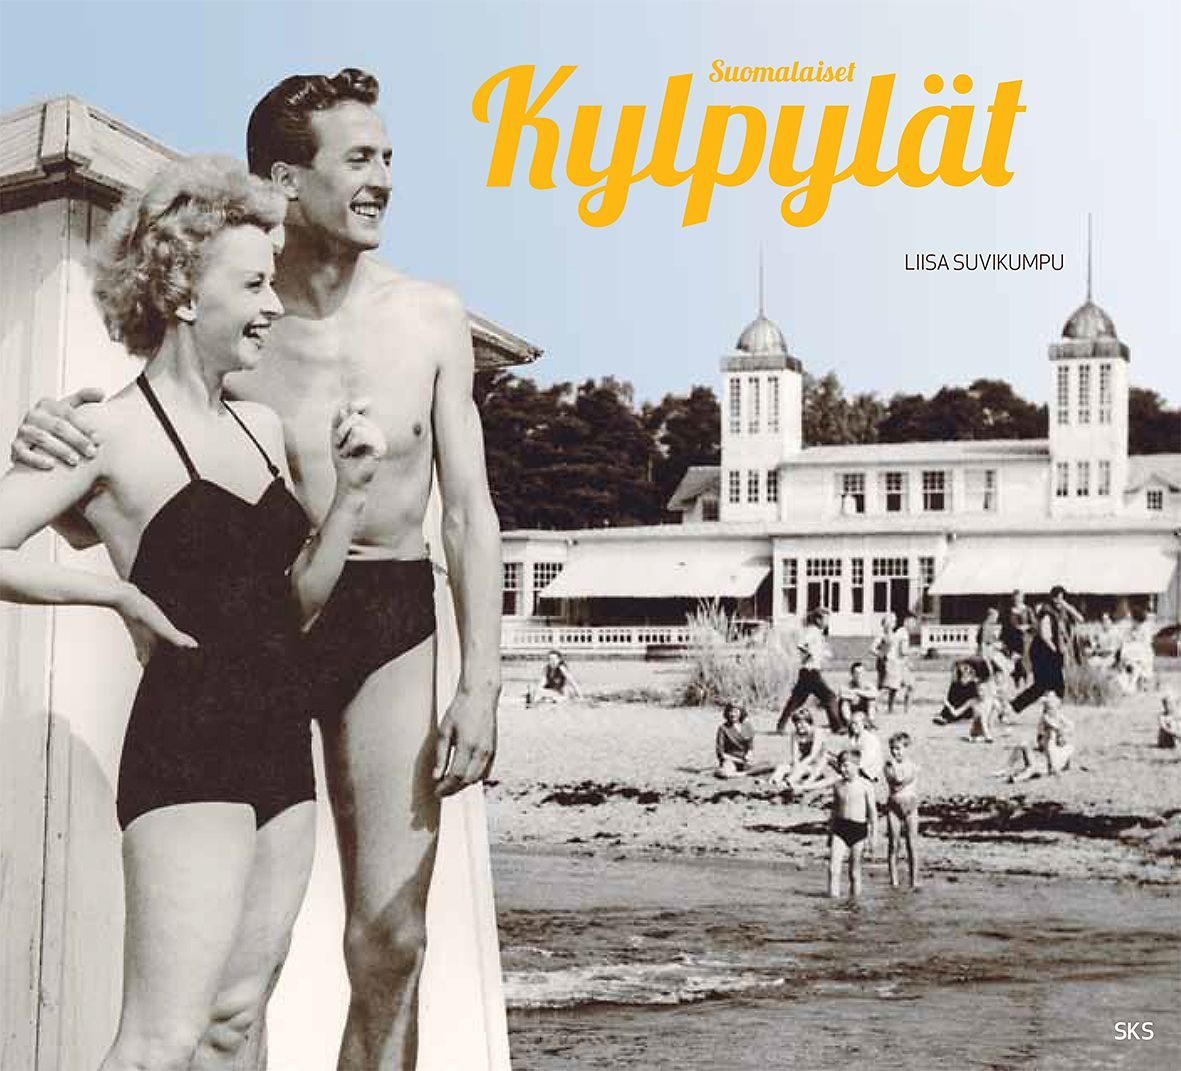 Tietokirjallisuuden Lauri Jäntin palkinnon vuonna 2015 sai Liisa Suvikumpu teoksesta Suomalaiset kylpylät. Kotimaisen kylpyläkulttuurin historiaa (SKS).